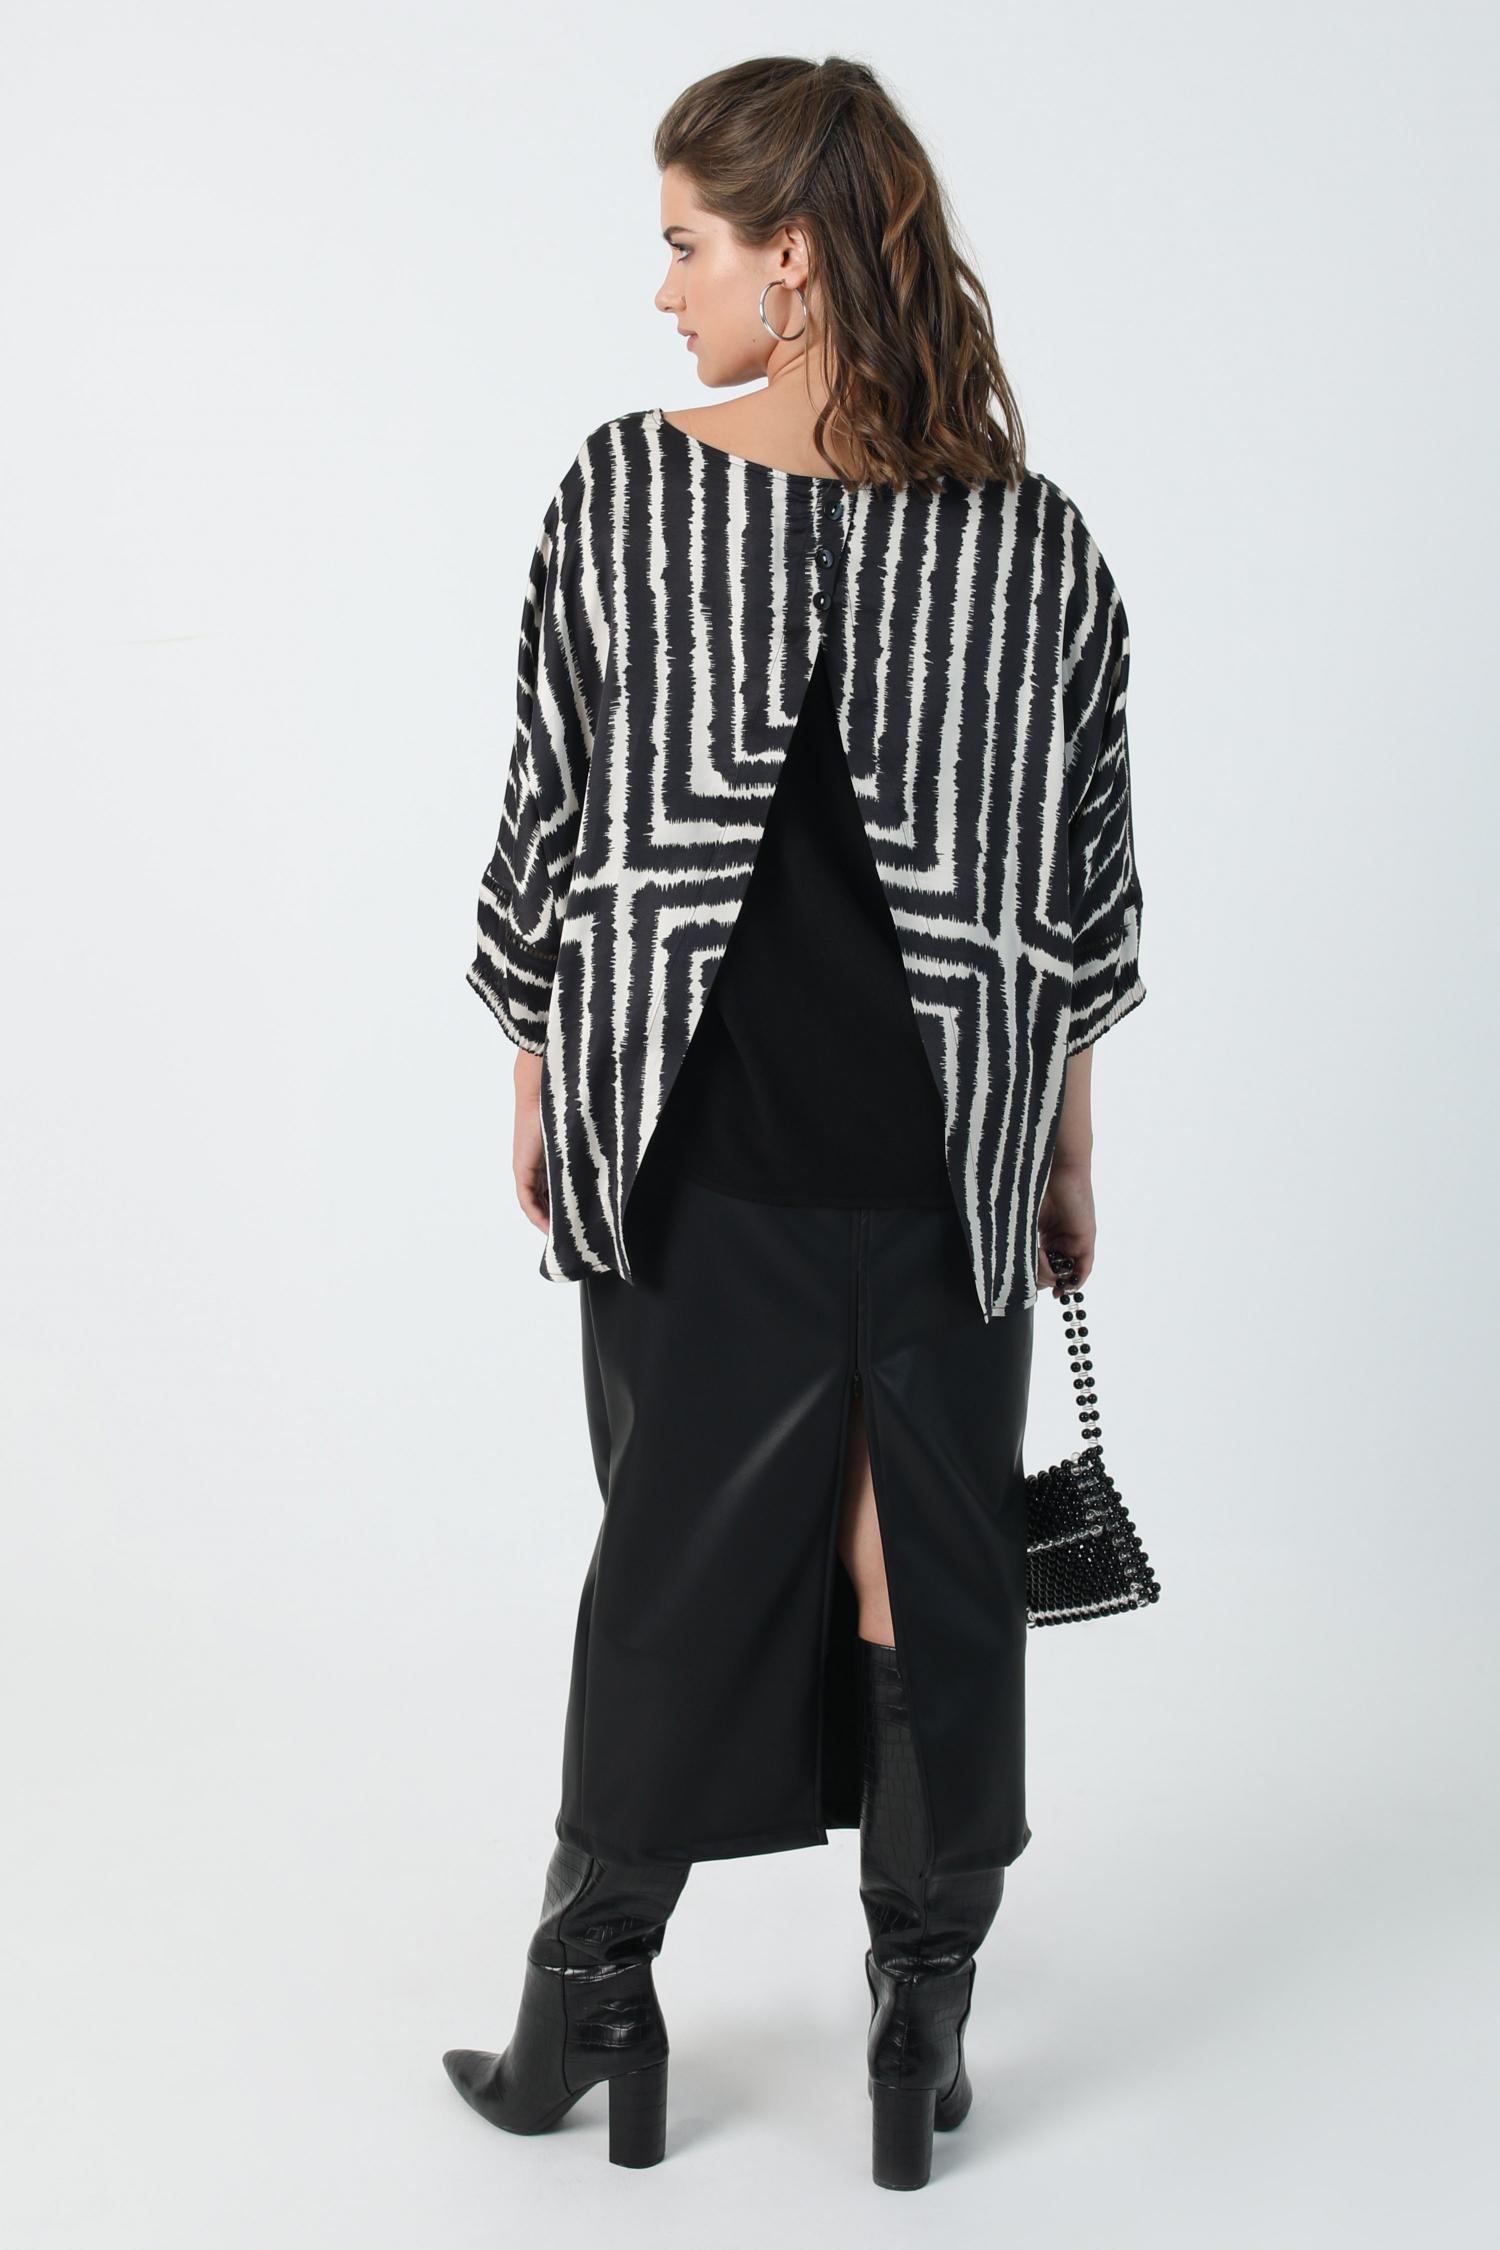 Long vegan leather skirt